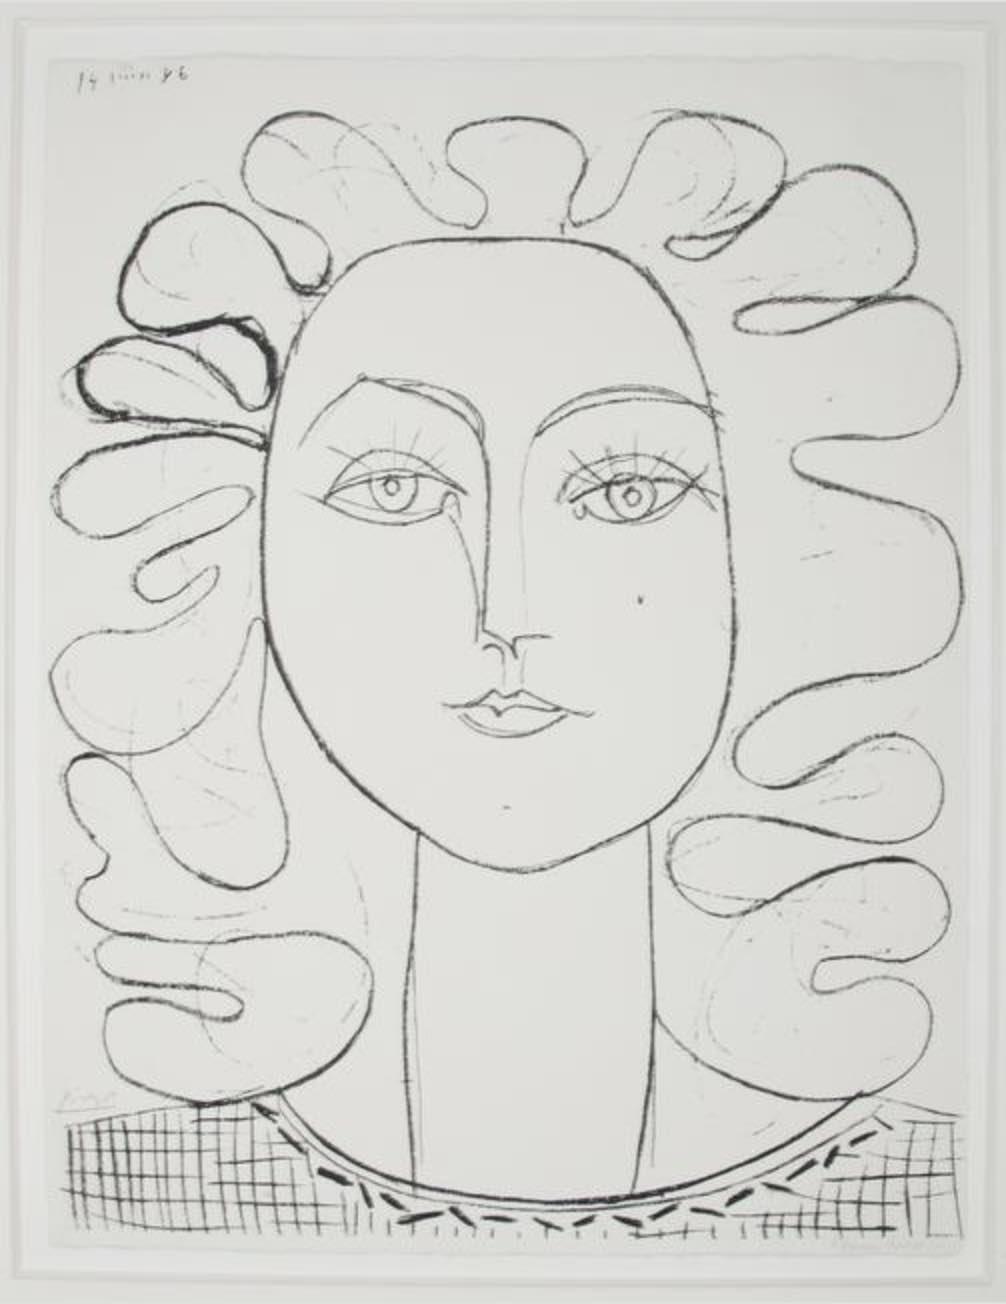 Françoise aux Cheveux ondulés by Picasso